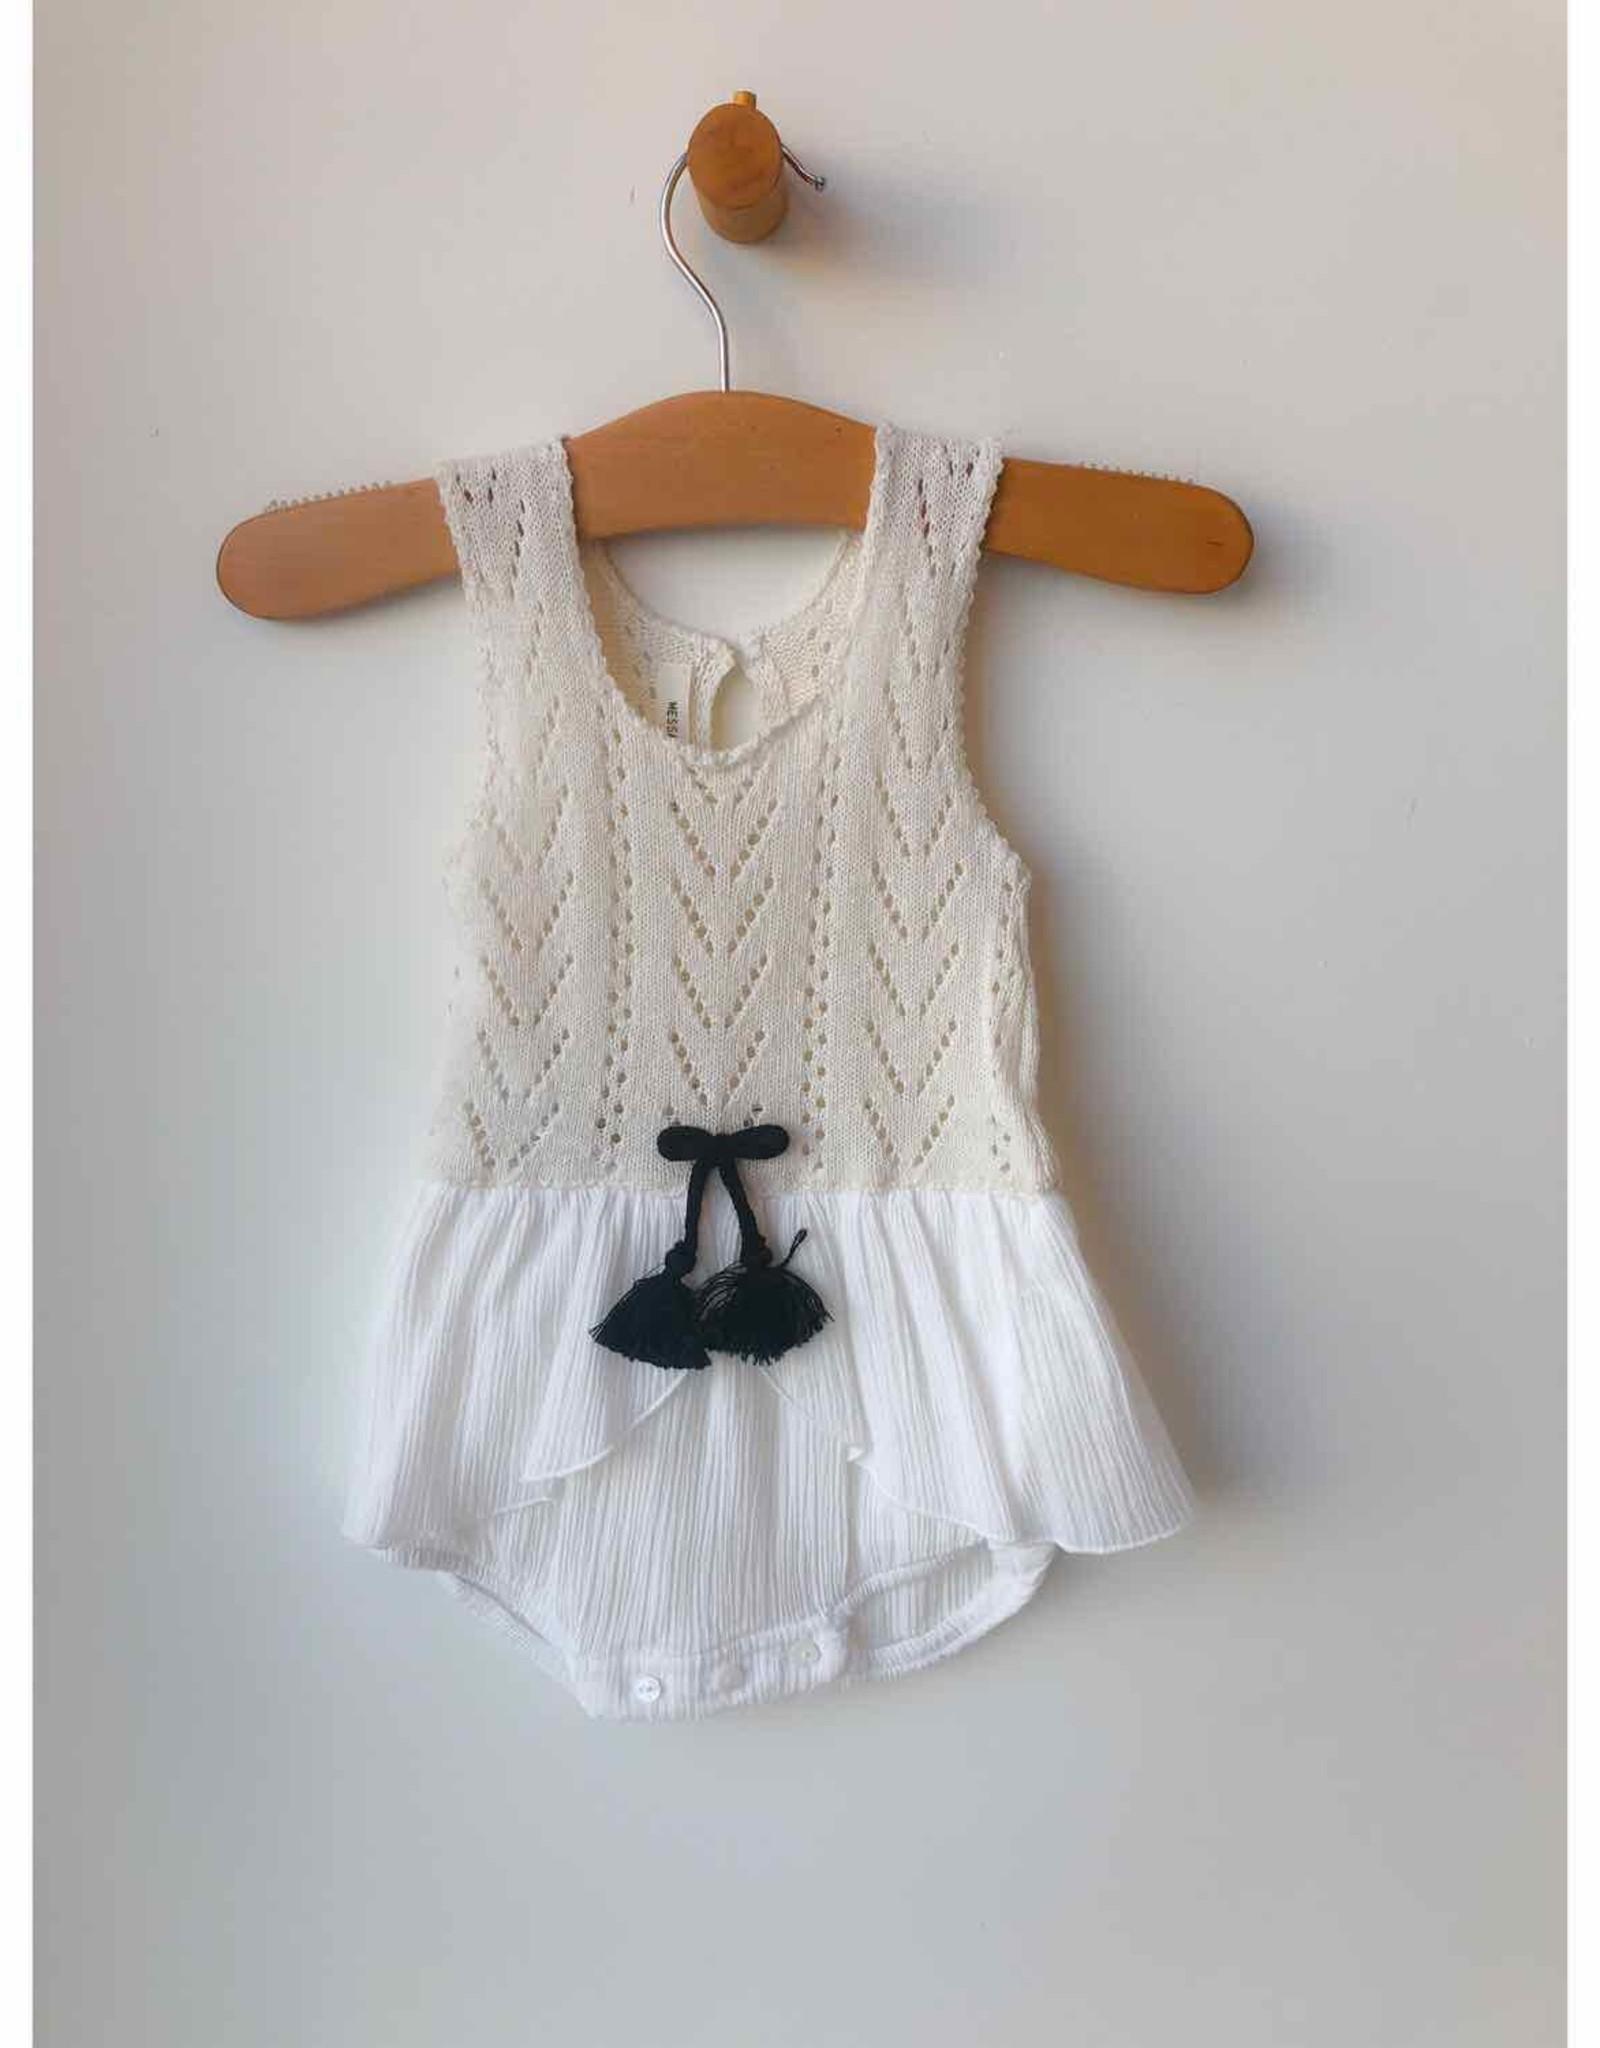 Hortense body dress